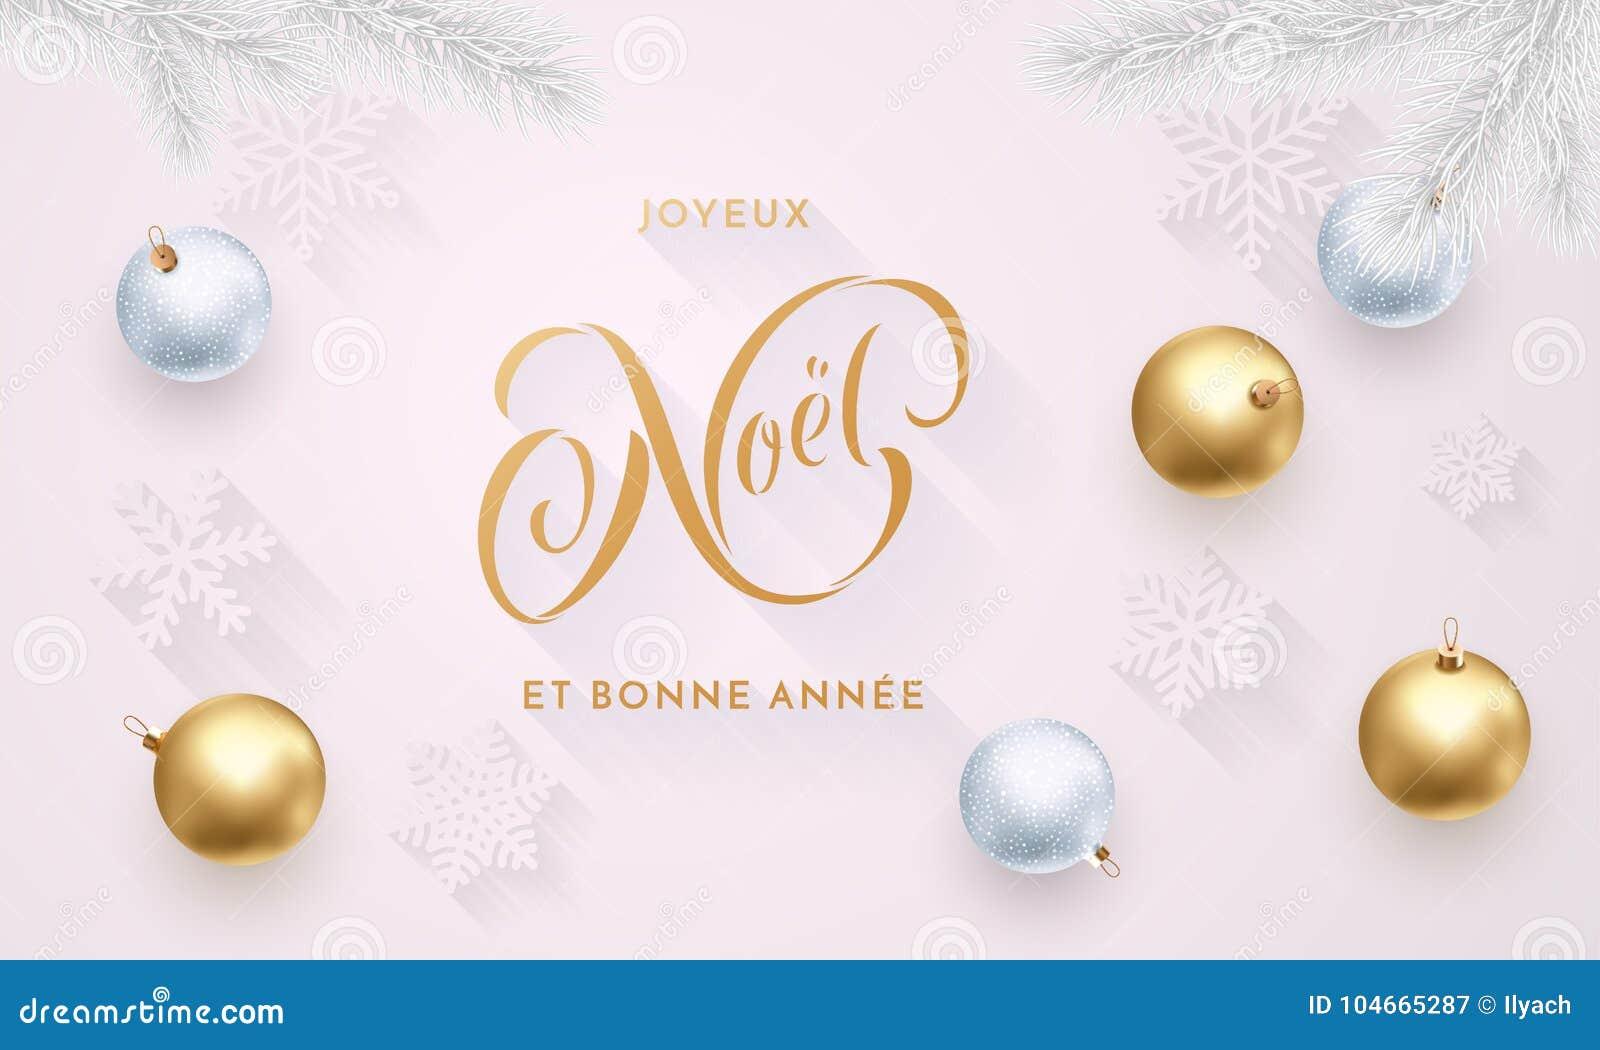 Bonne Annee Joyeux Noel.Joyeux Noel Et Decoration D Or Francaise De Noel Et De Bonne